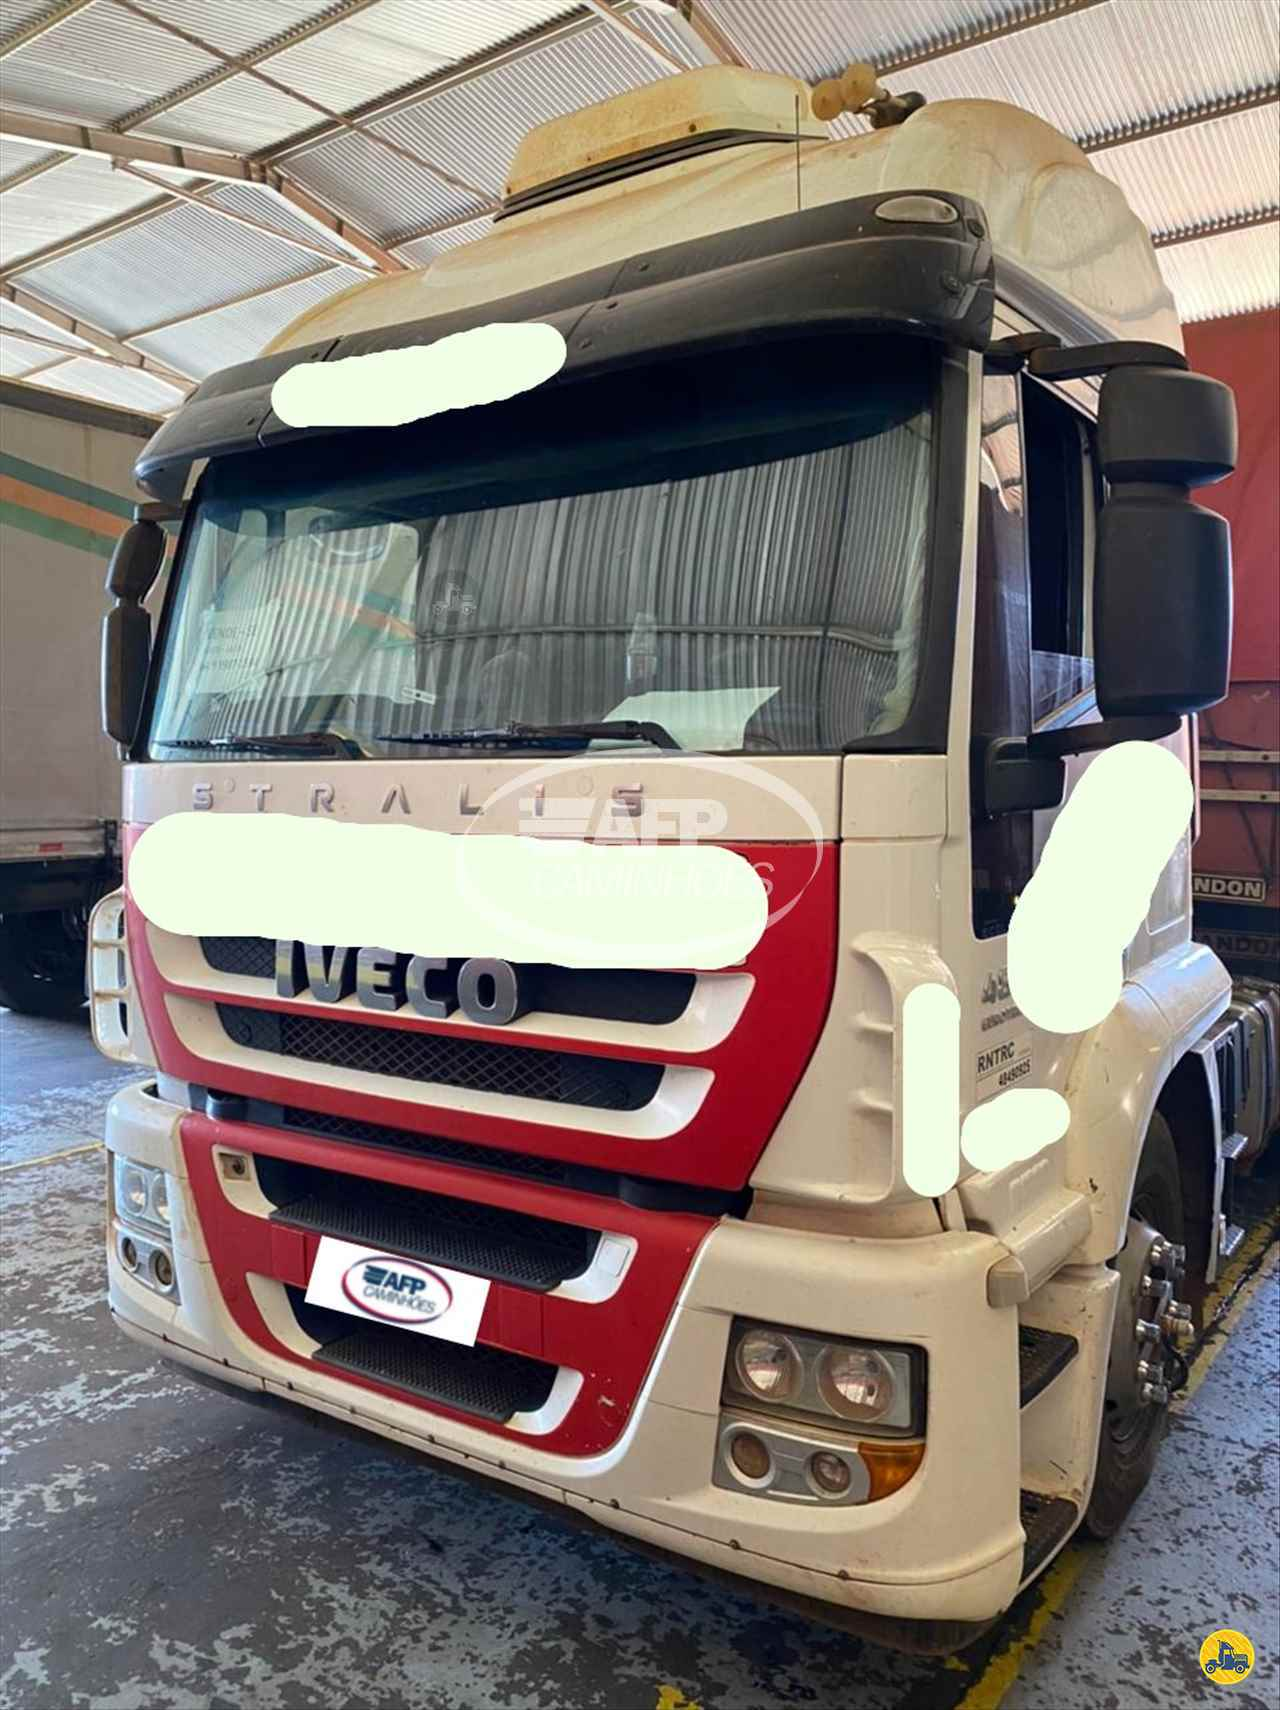 CAMINHAO IVECO STRALIS 480 Cavalo Mecânico Traçado 6x4 AFP Caminhões UBERLANDIA MINAS GERAIS MG